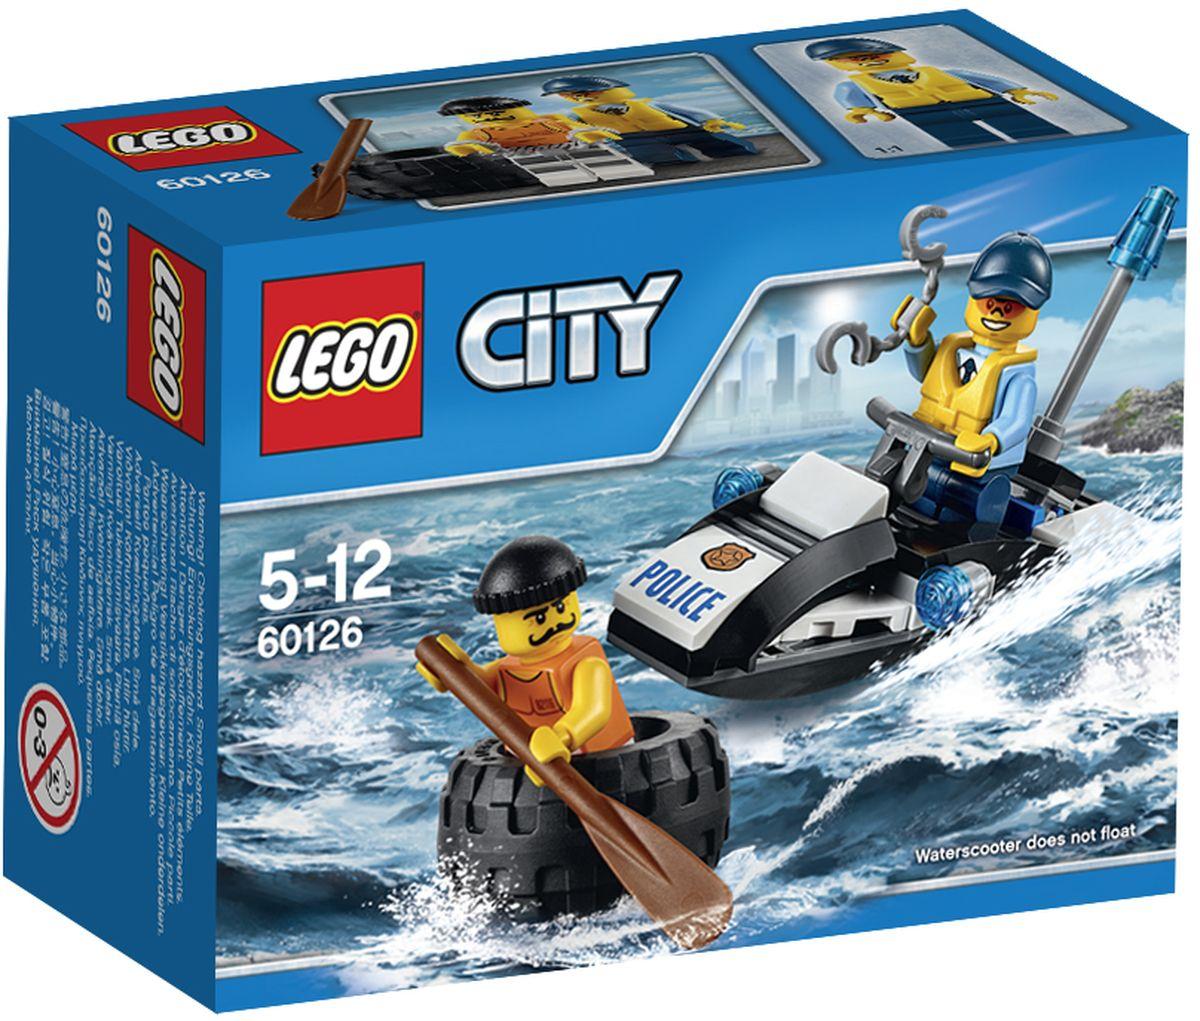 LEGO City Конструктор Побег в шине 6012660126Конструктор Lego City Побег в шине приведет в восторг любого ребенка, ведь все дети обожают знаменитые конструкторы Lego. Конструктор содержит 47 пластиковых элементов, с помощью которых малыш сможет собрать небольшую сценку из жизни Города Lego. Патрулируй водоёмы Lego City на полицейском водном скутере! В отделение полиции поступил вызов: мошенник уплывает на шине. Преследуй и поймай его, прежде чем он ускользнёт, затем надень на него наручники и отправь обратно в камеру в тюрьме на острове. Помоги сохранить порядок в городе! В комплект входят фигурки полицейского и преступника, элементы для сборки полицейского катера, а также дополнительные аксессуары, которые разнообразят игру. Игры с конструкторами помогут ребенку развить воображение, внимательность, пространственное мышление и творческие способности. Такой конструктор надолго займет внимание малыша и непременно станет его любимой игрушкой.